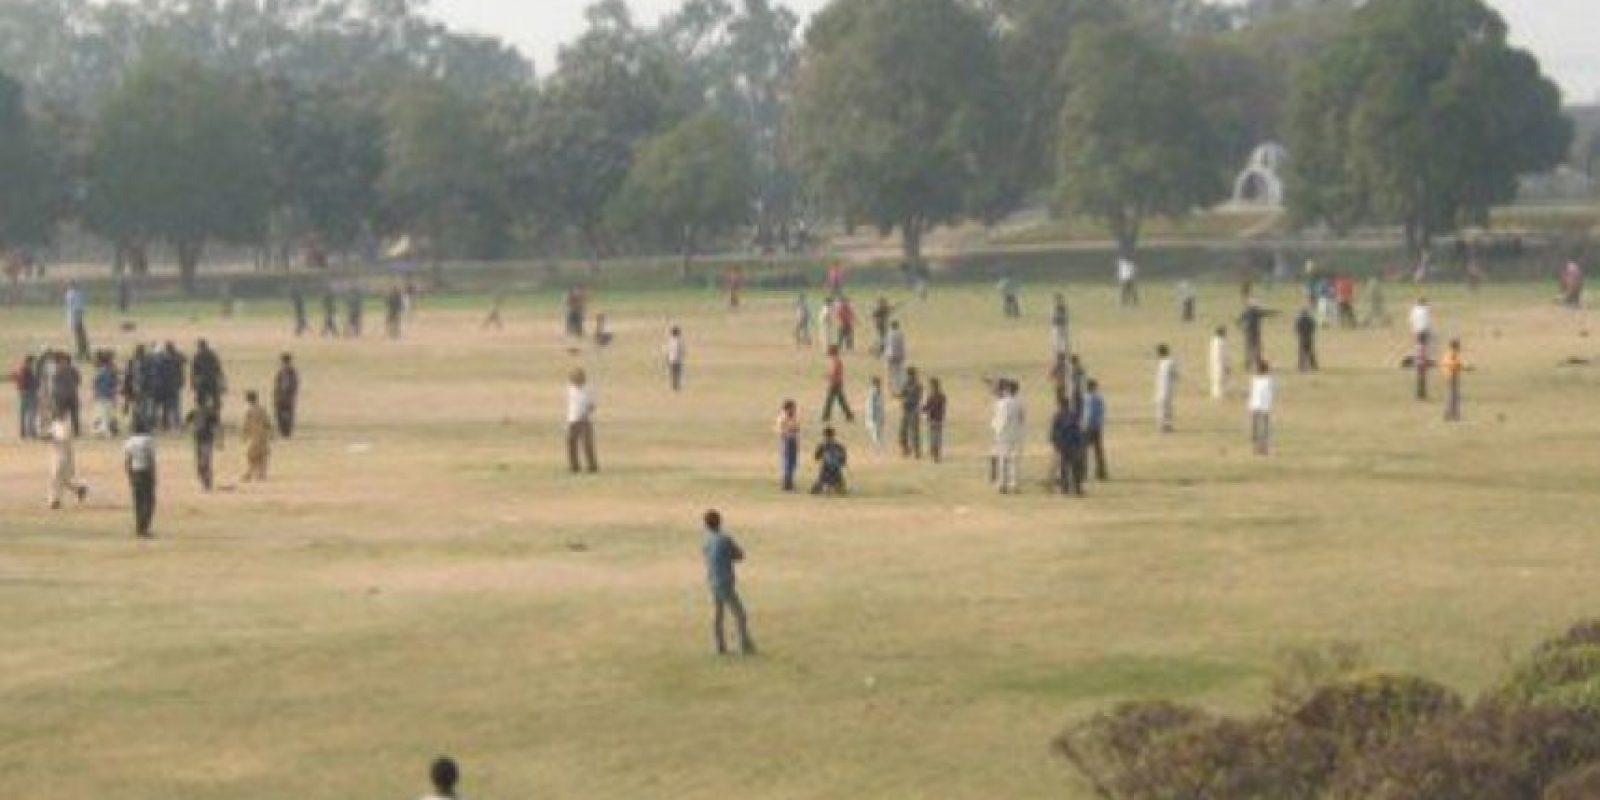 Así lucía el parque de diversiones Gulshan-e-Iqbal antes de los antentados. Foto:Twitter